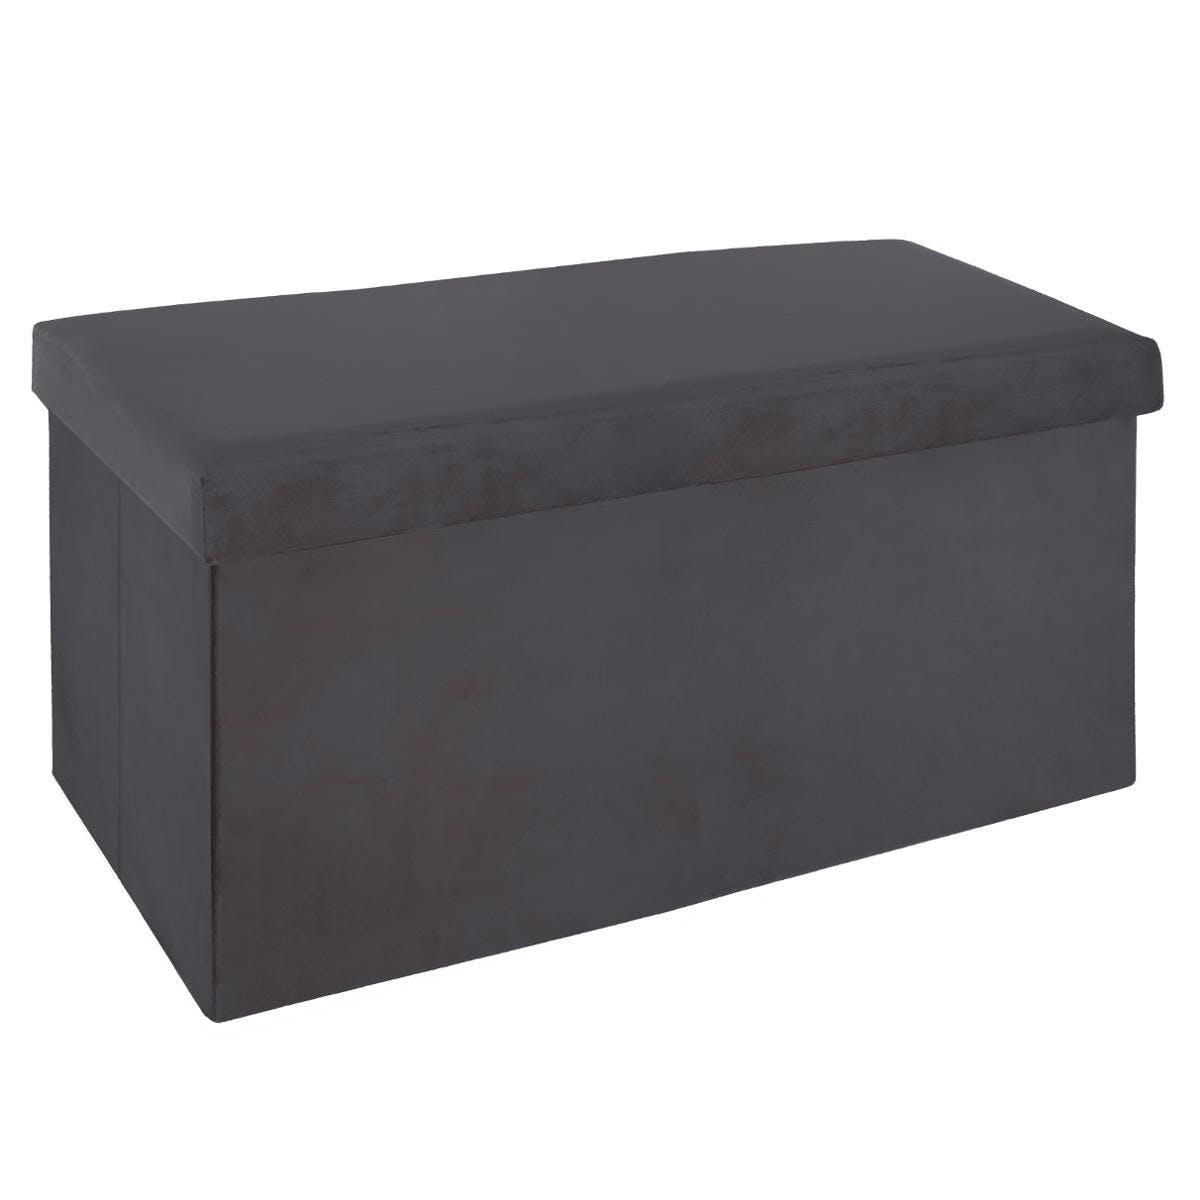 Banc coffre de rangement pliant revêtement en velours gris 76x38x37cm